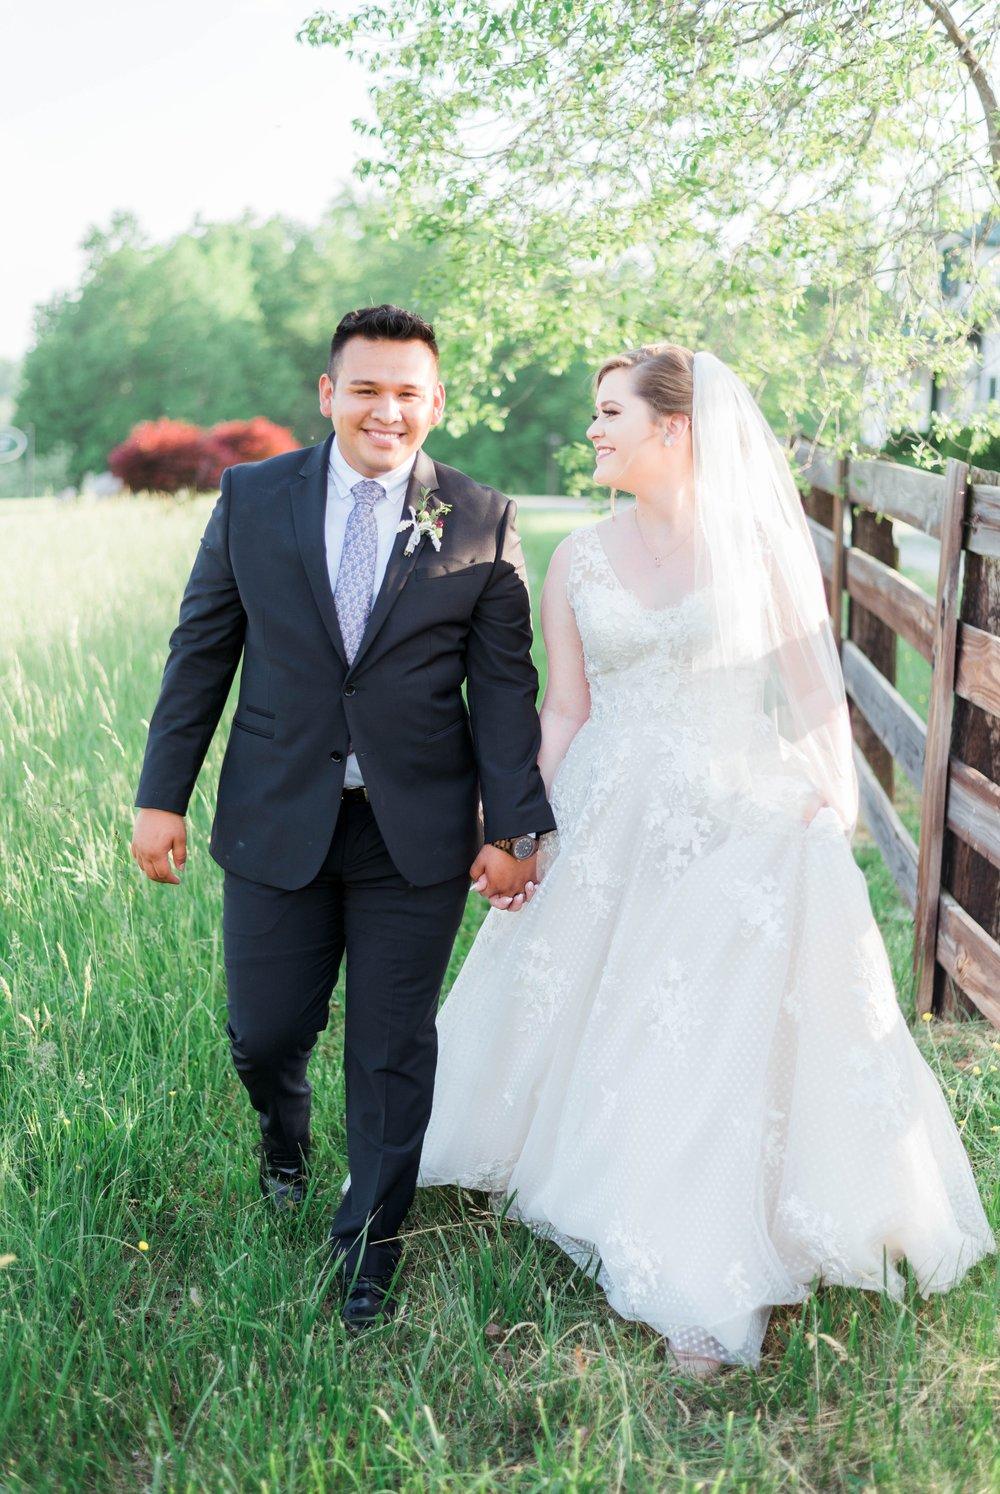 Jillian+Abi_OakridgeEstate_Wedding_VirginiaWeddingPhotographer_SpringWedding 31.jpg